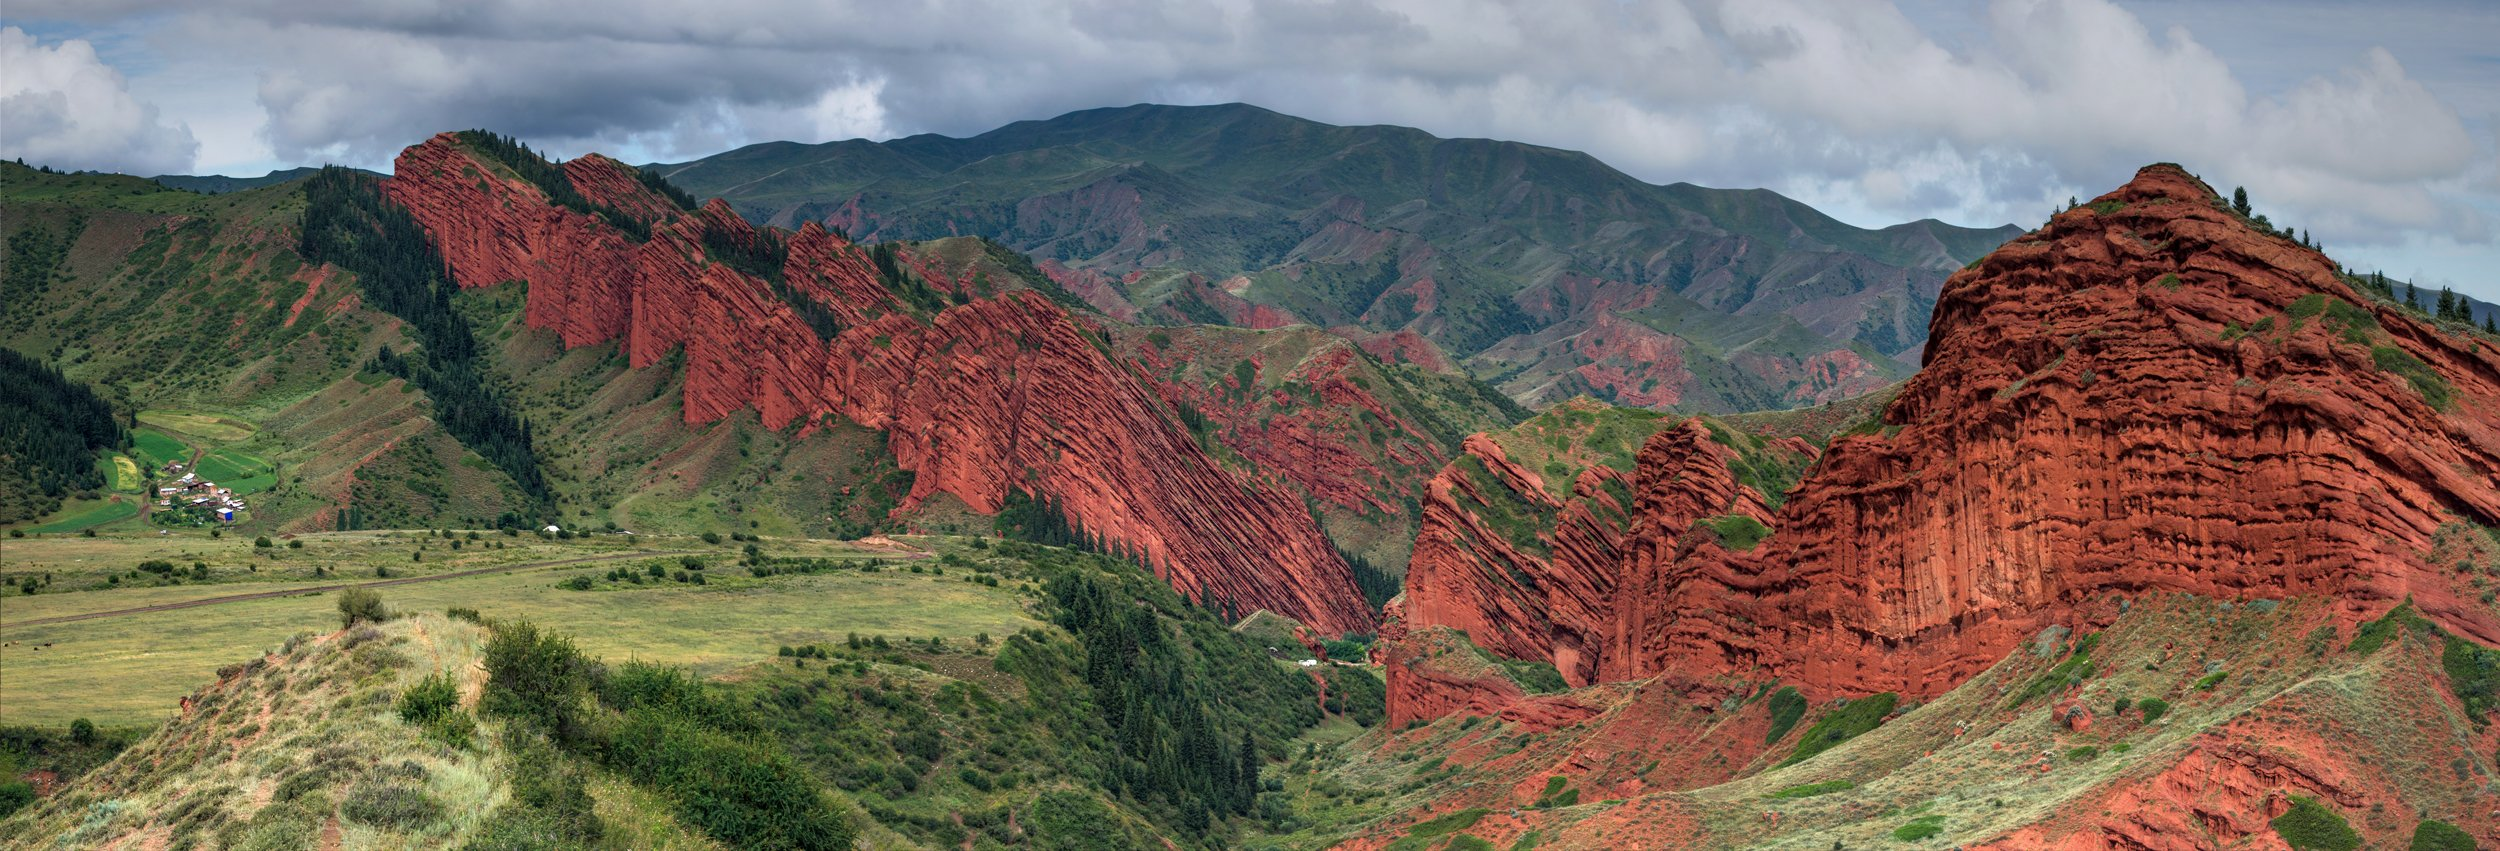 Горы Киргизия, Алексей